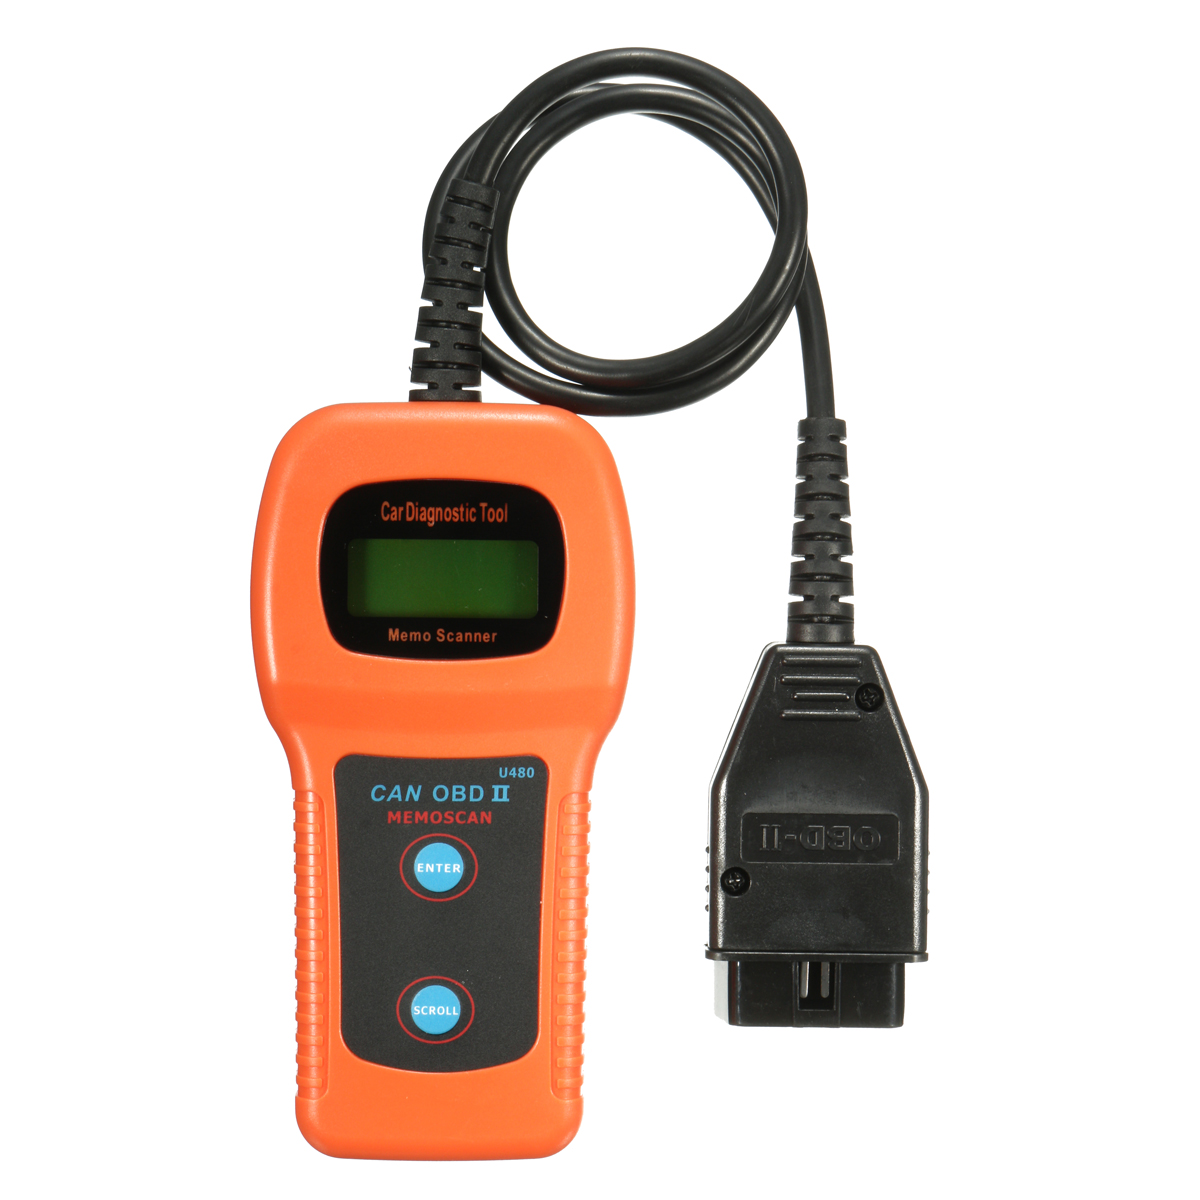 Car Diagnostic Scanner Tool U480 CAN OBDII OBD2 Memo Engine Fault Code Reader   Alexnld.com